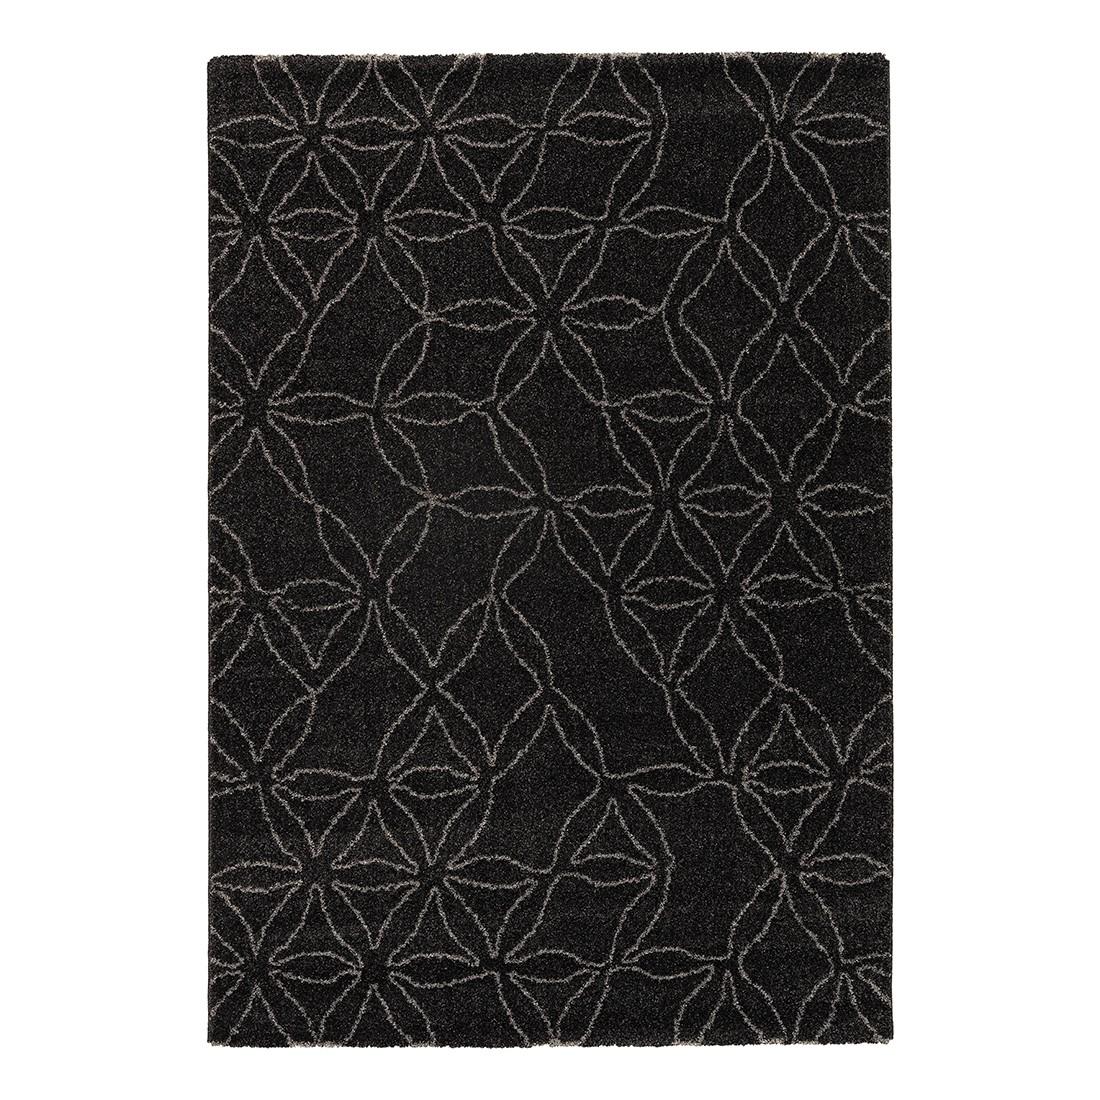 Teppich Davinci (Blume) – Anthrazit – 160 x 230 cm, Schöner Wohnen Kollektion kaufen